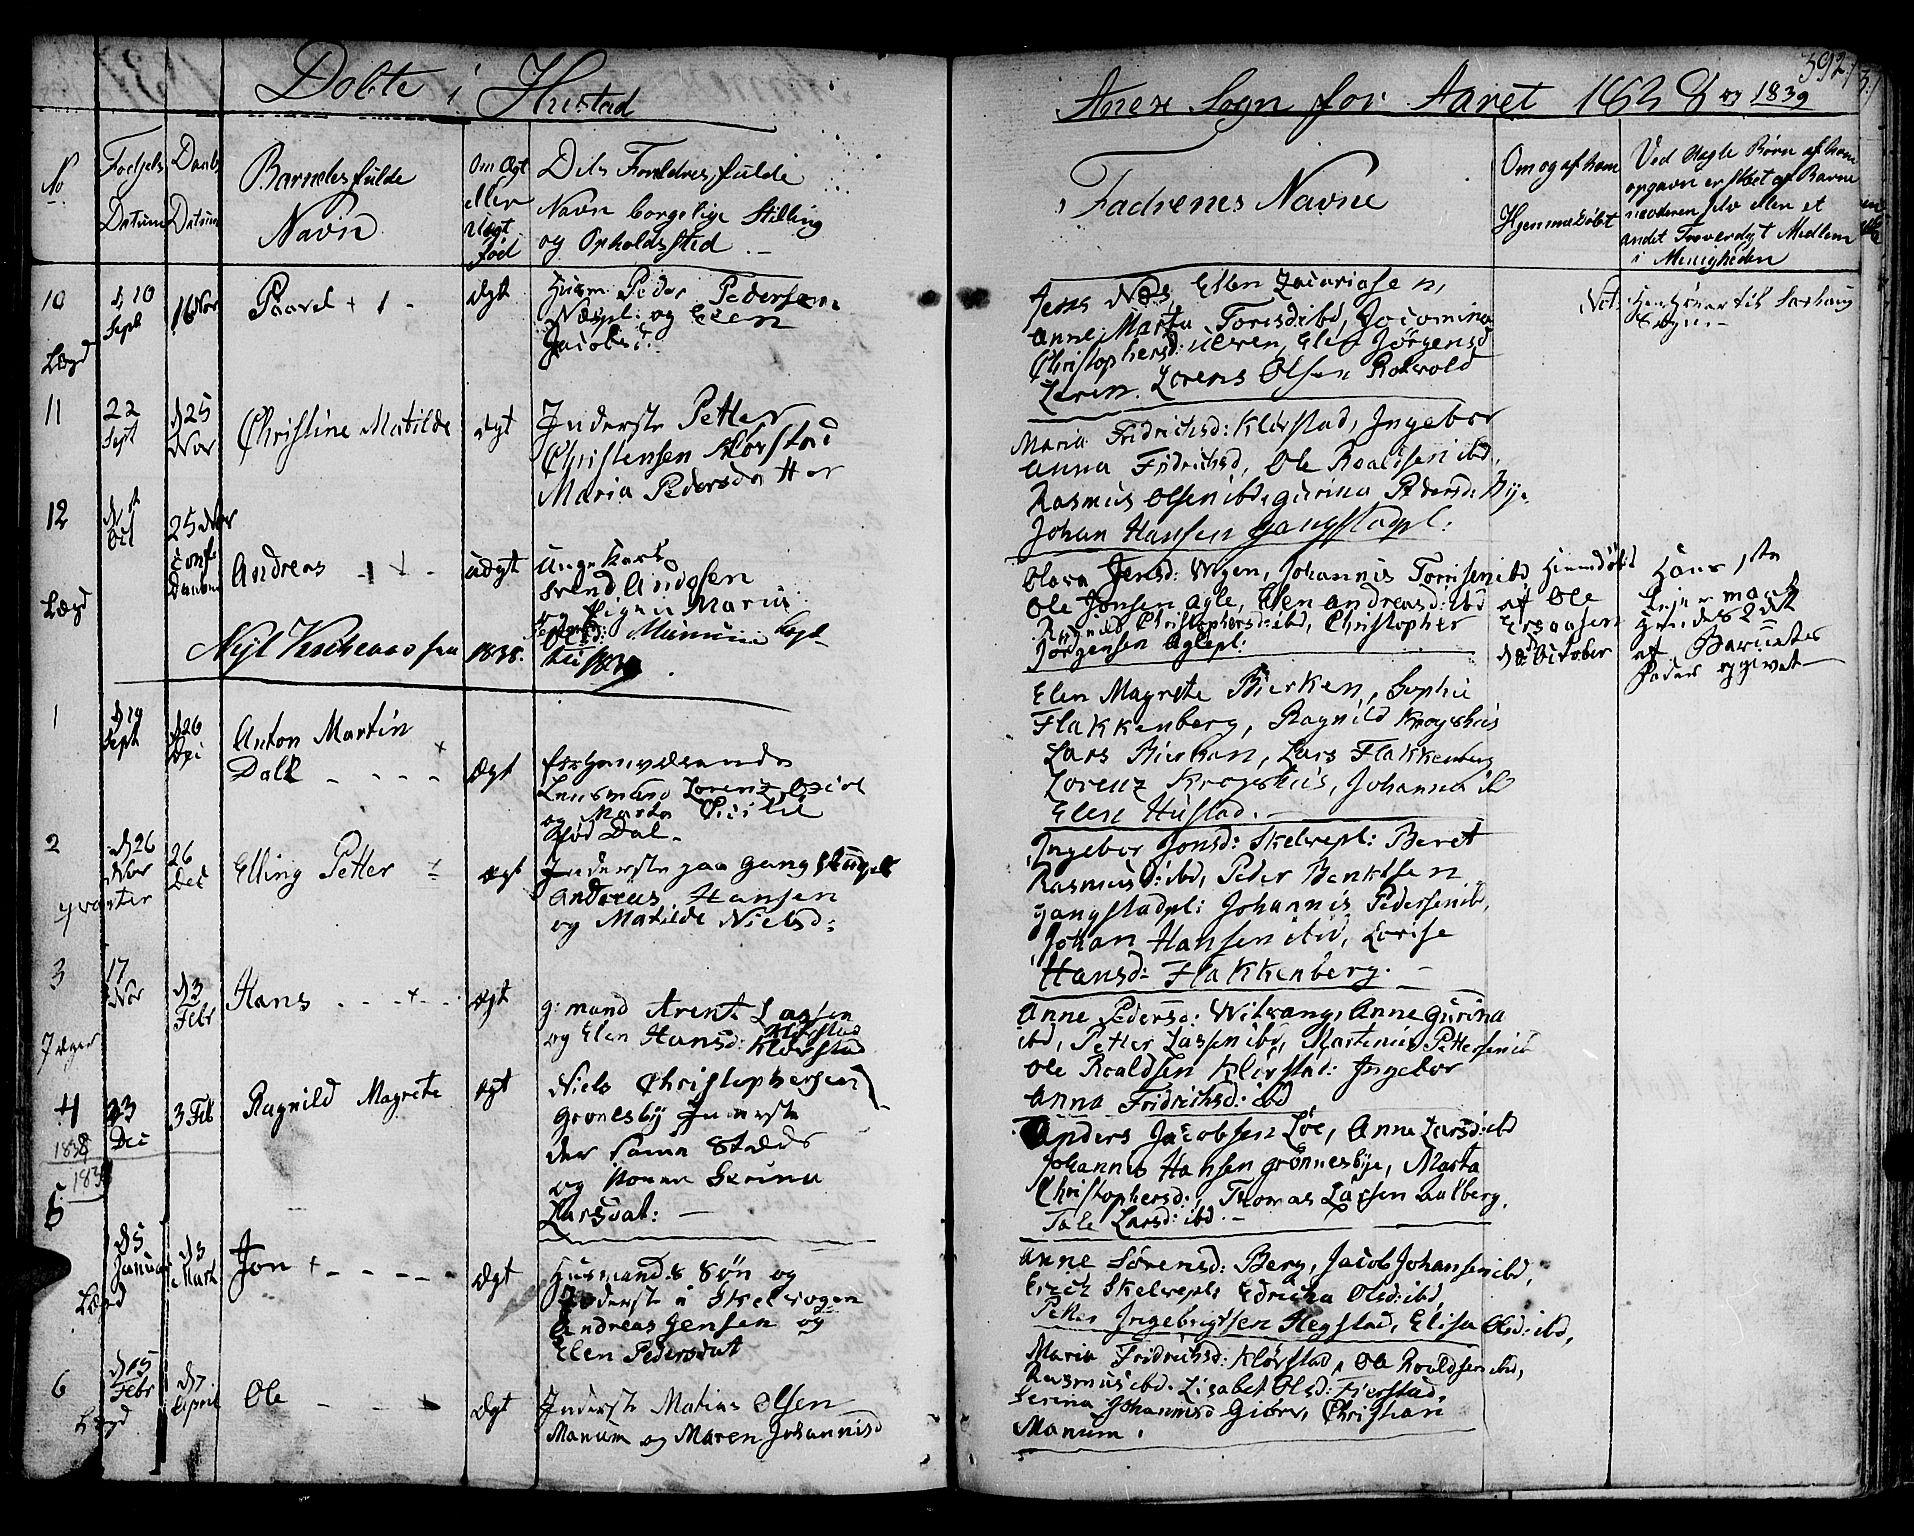 SAT, Ministerialprotokoller, klokkerbøker og fødselsregistre - Nord-Trøndelag, 730/L0277: Ministerialbok nr. 730A06 /3, 1830-1839, s. 392